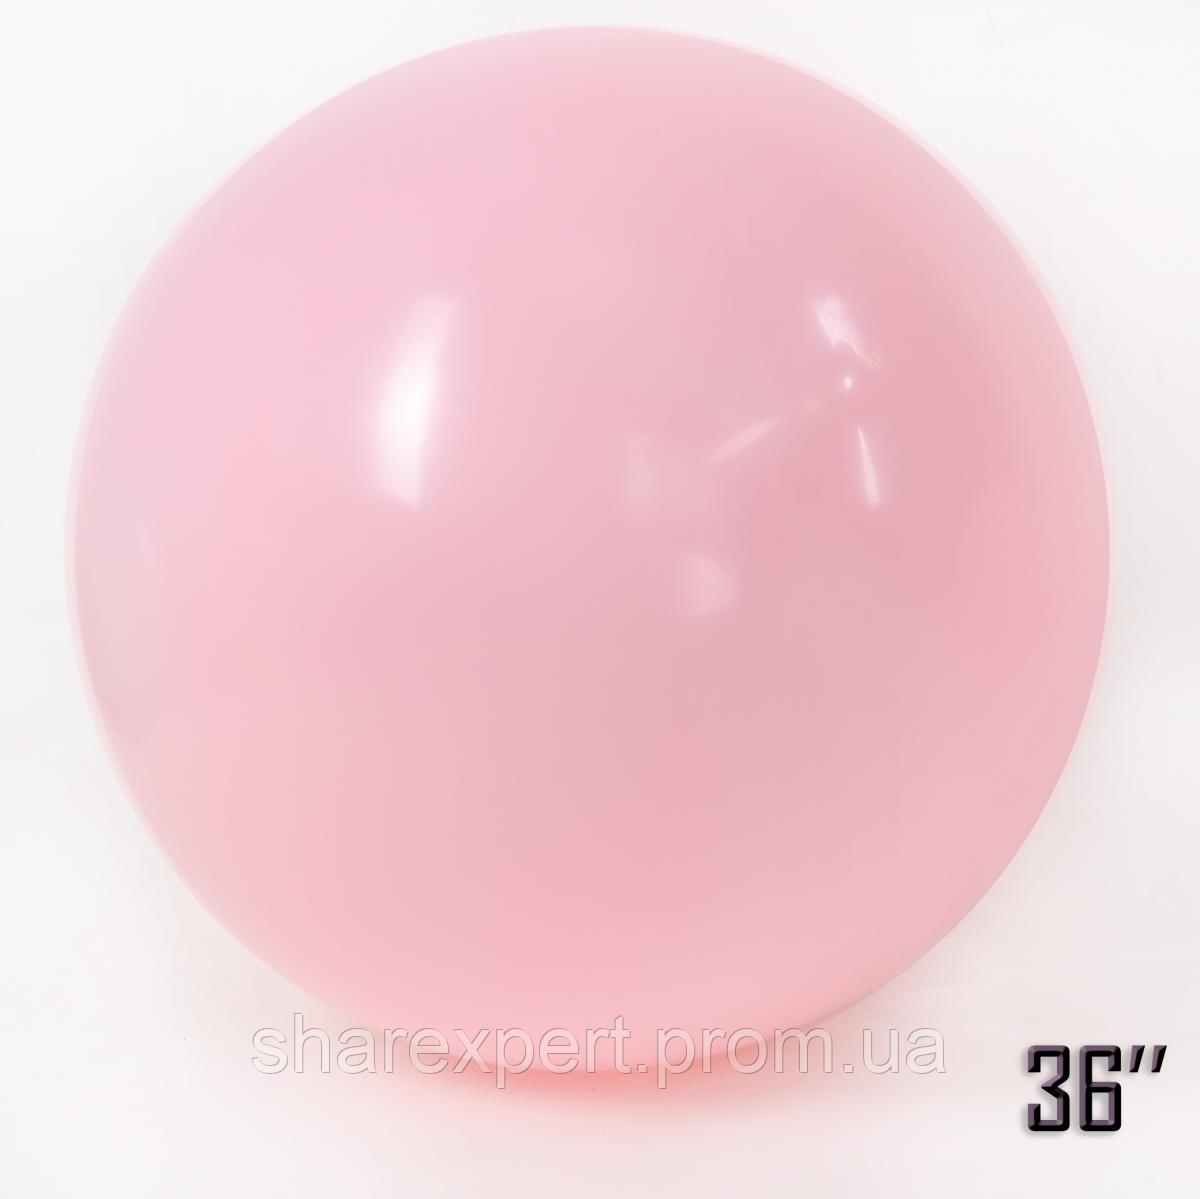 Шар-гигант Макарун (При заказе, обязательно выберите цвет шаров)